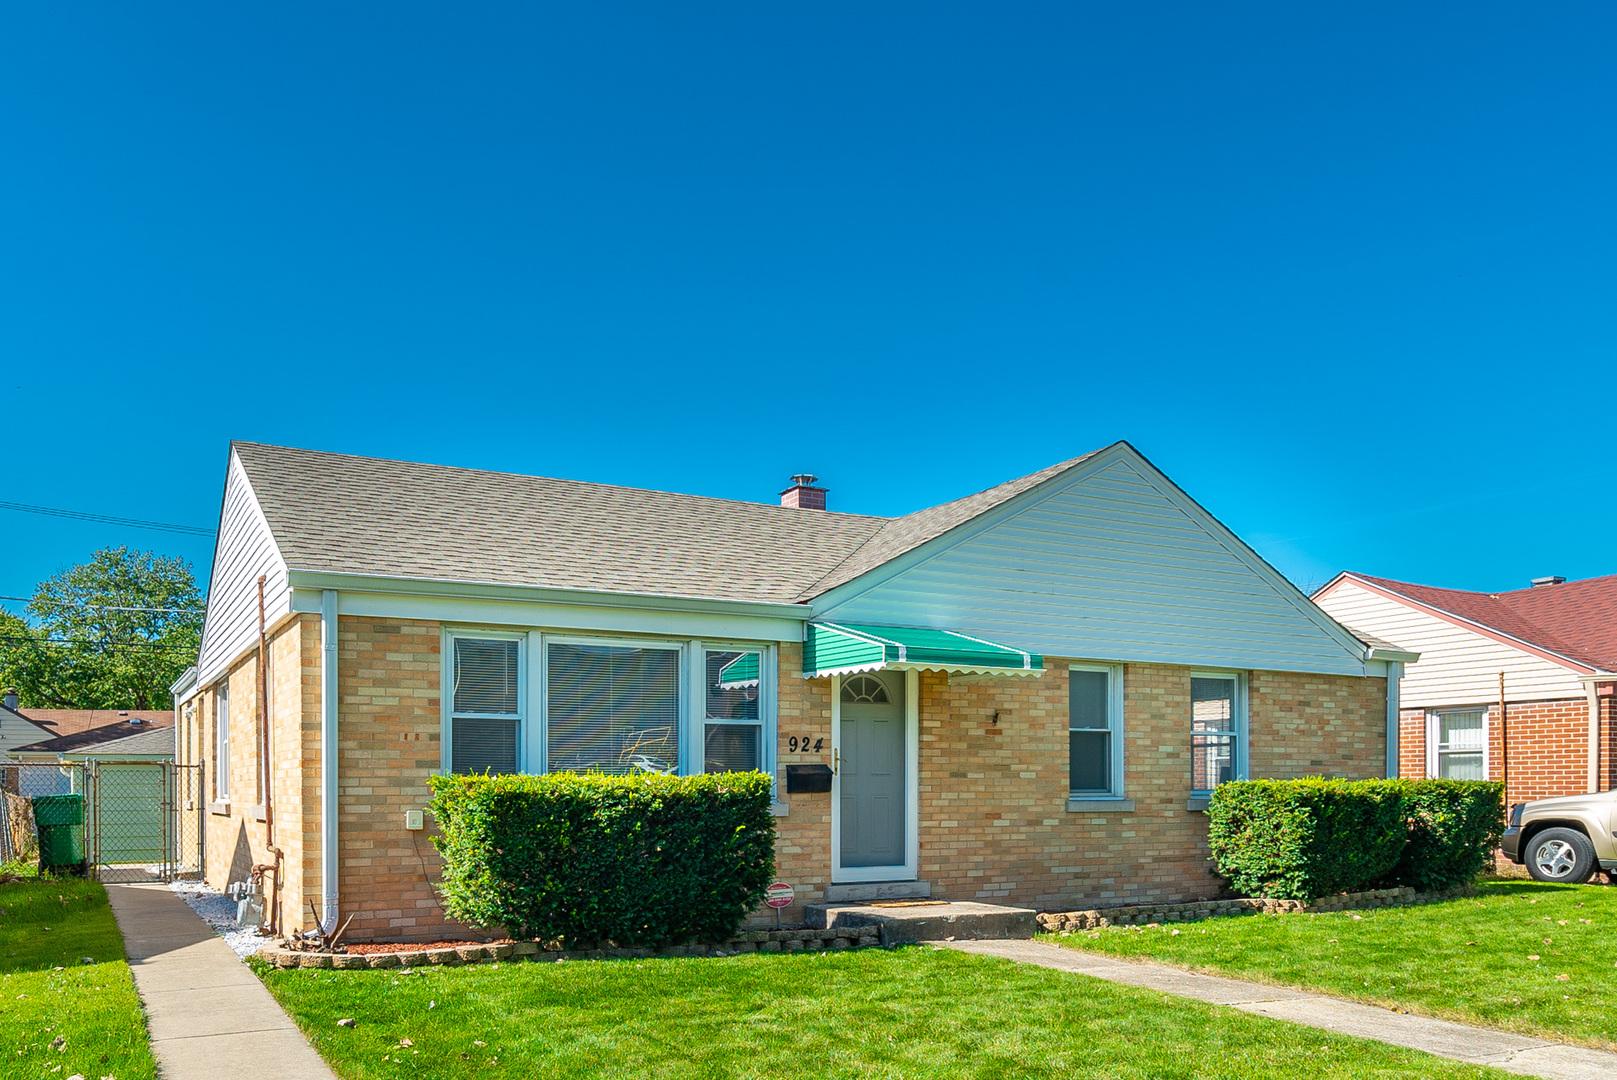 924 Gardner, Westchester, Illinois, 60154